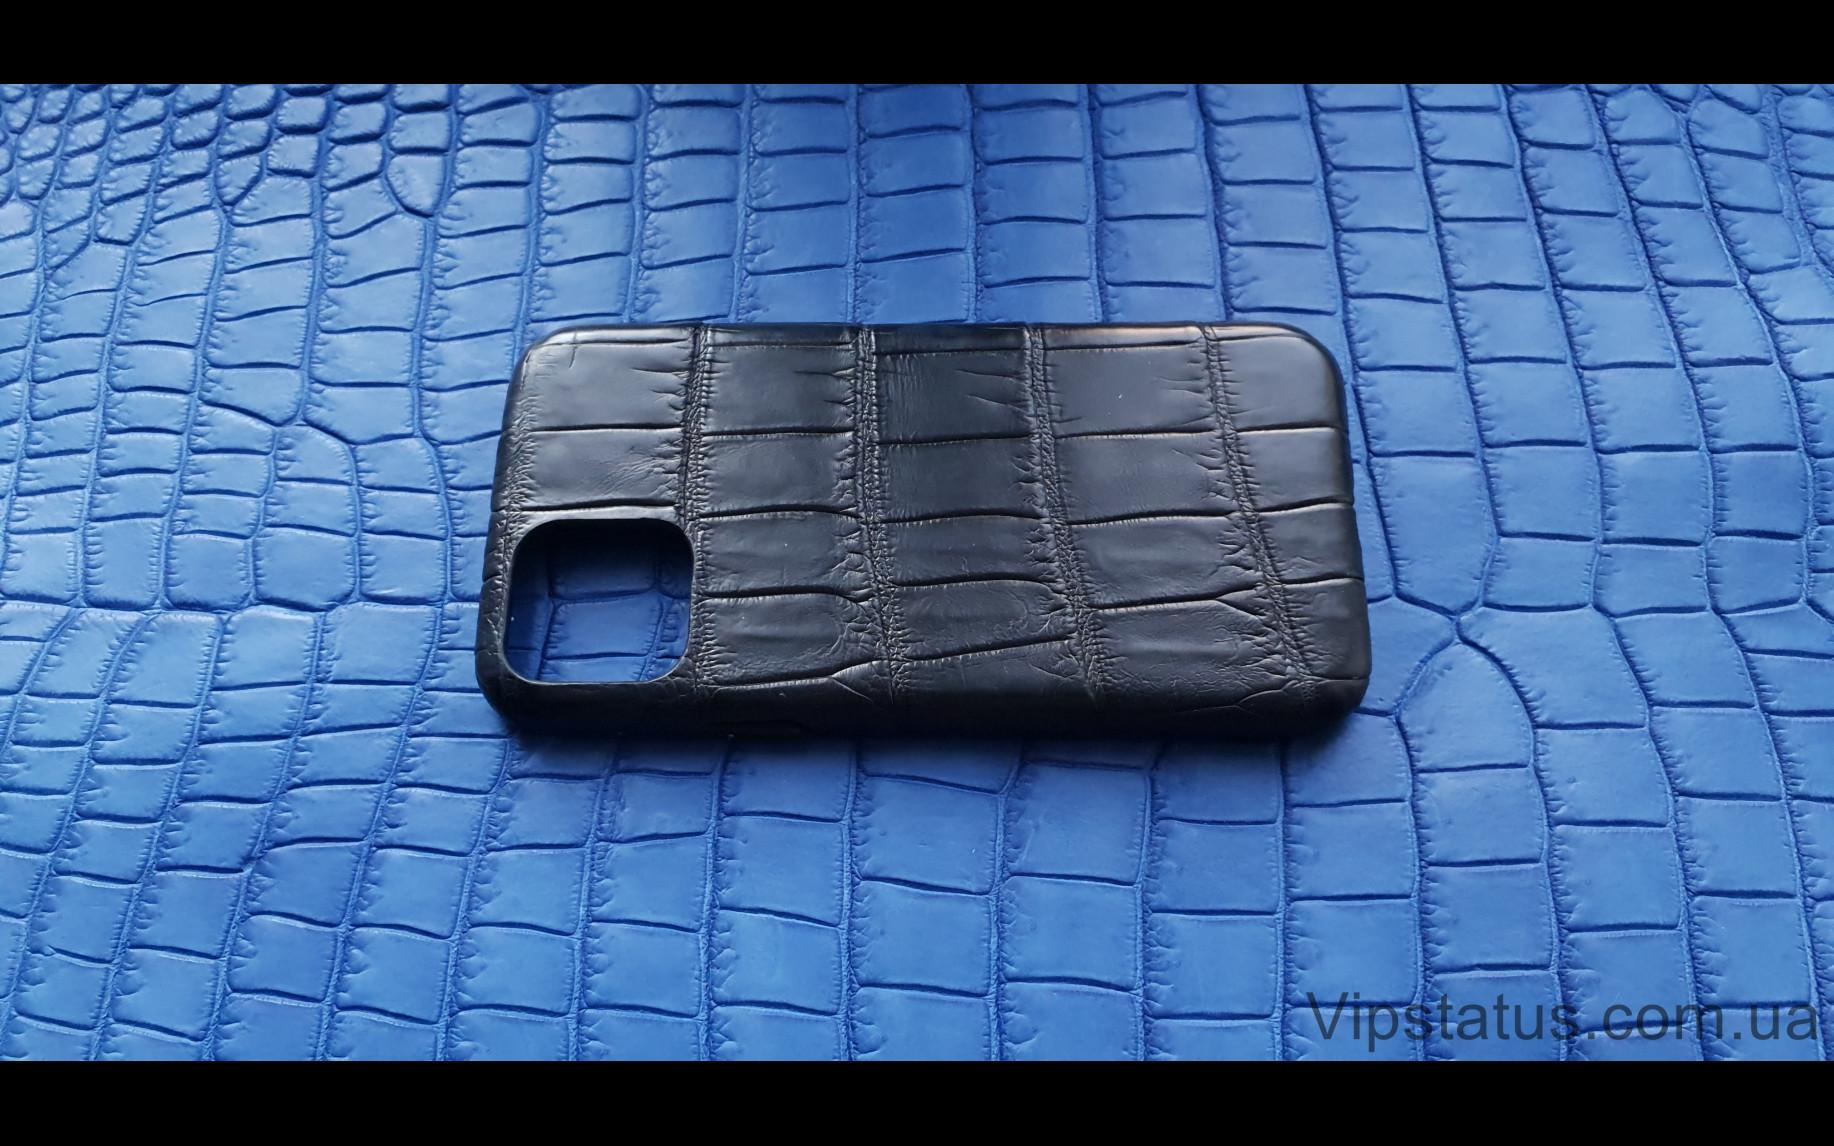 Элитный Black Lord Эксклюзивный чехол IPhone 11 Pro кожа крокодила Black Lord Эксклюзивный чехол IPhone 11 Pro кожа крокодила изображение 3